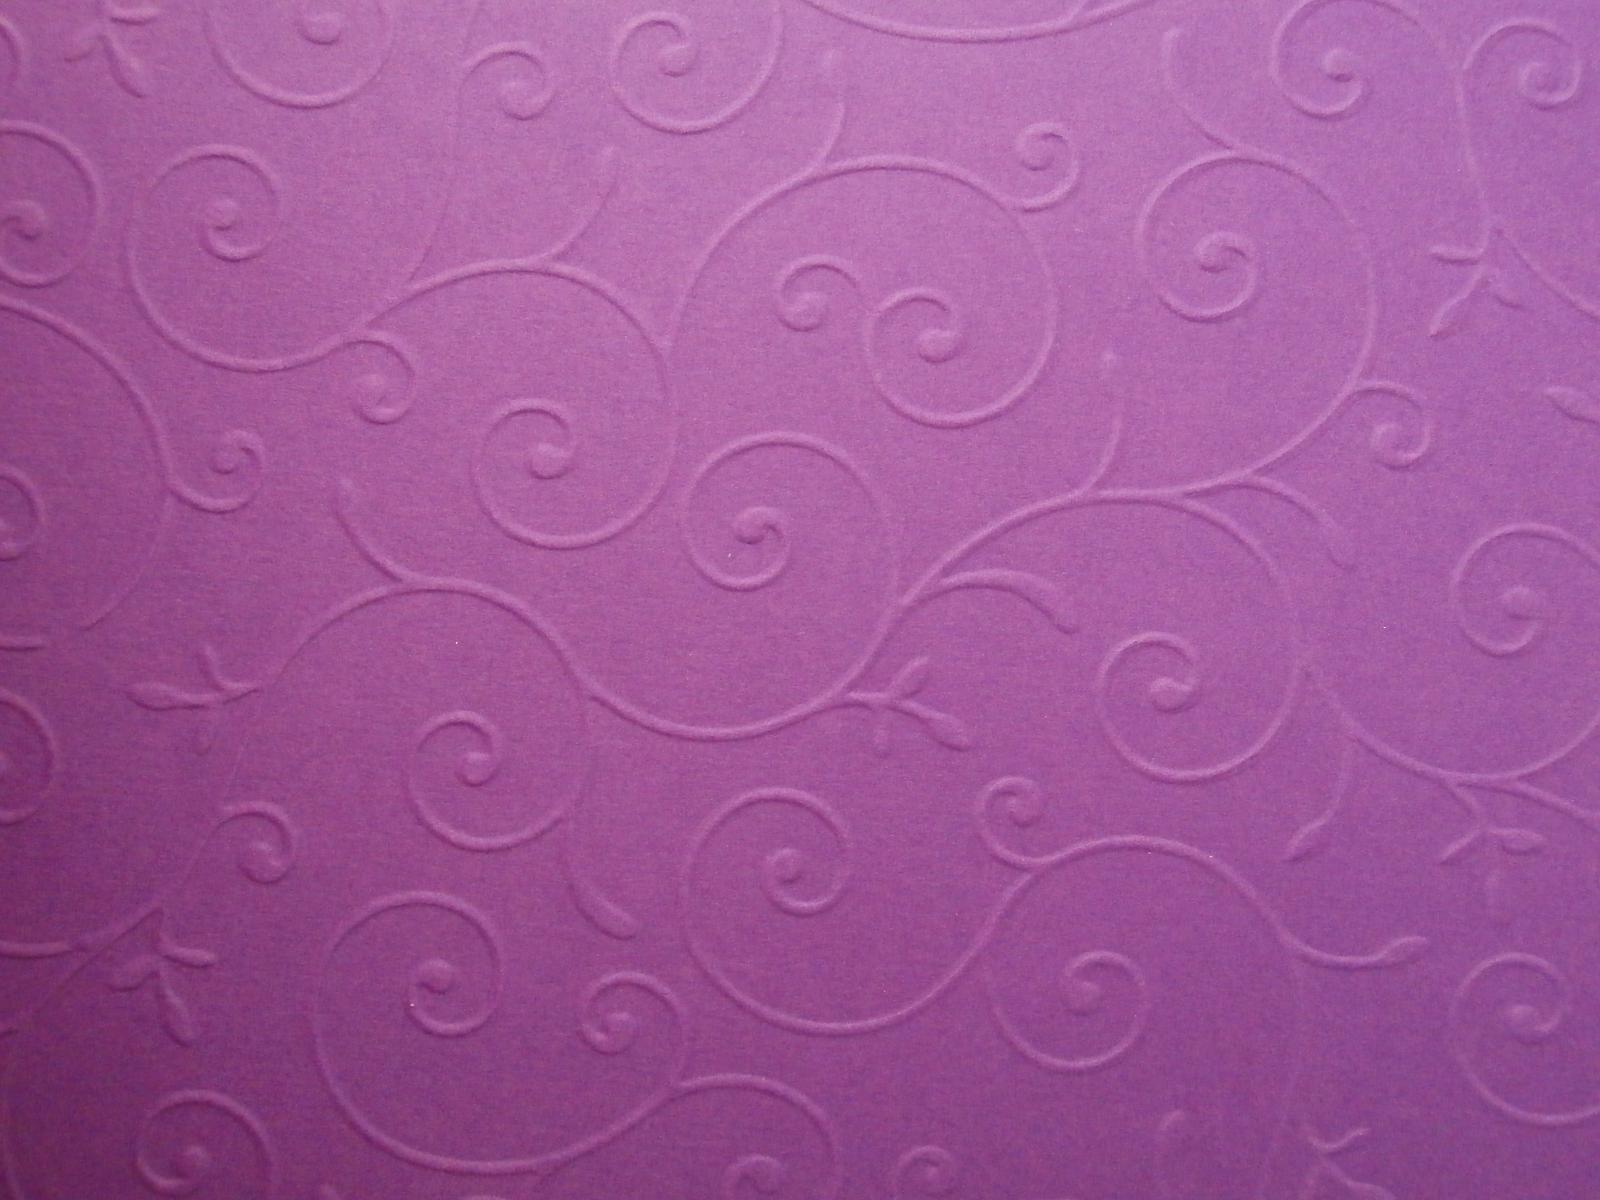 Embosovaný papír - Obrázek č. 1